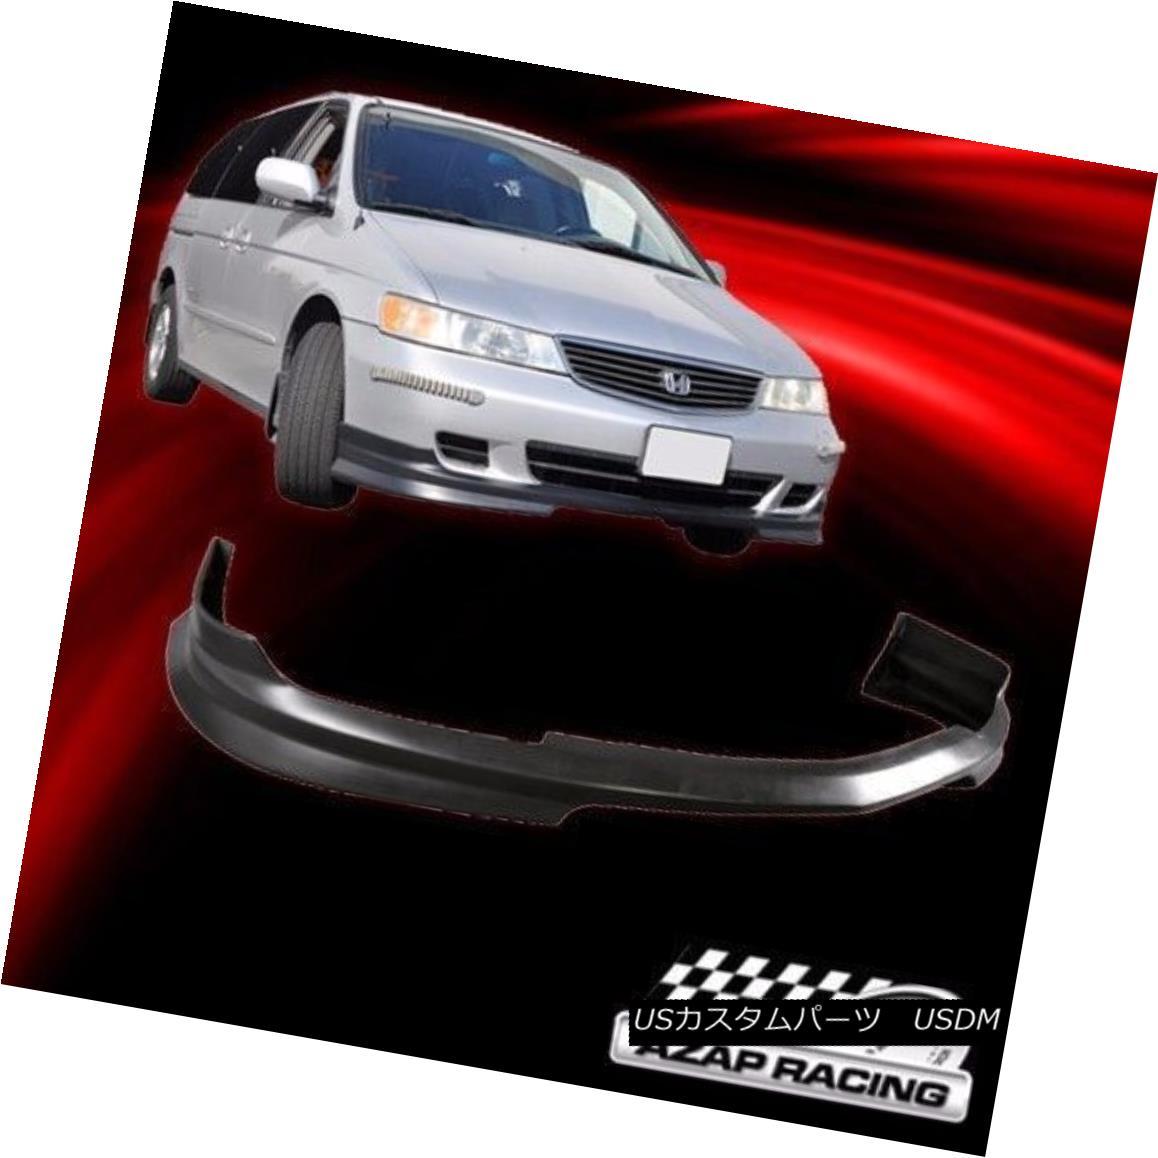 エアロパーツ 1999-2004 JDM Style Poly Urethane Front Bumper Lip Spoiler Fits Honda Odyssey 1999-2004 JDMスタイルポリウレタンフロントバンパーリップスポイラー、ホンダオデッセイにフィット